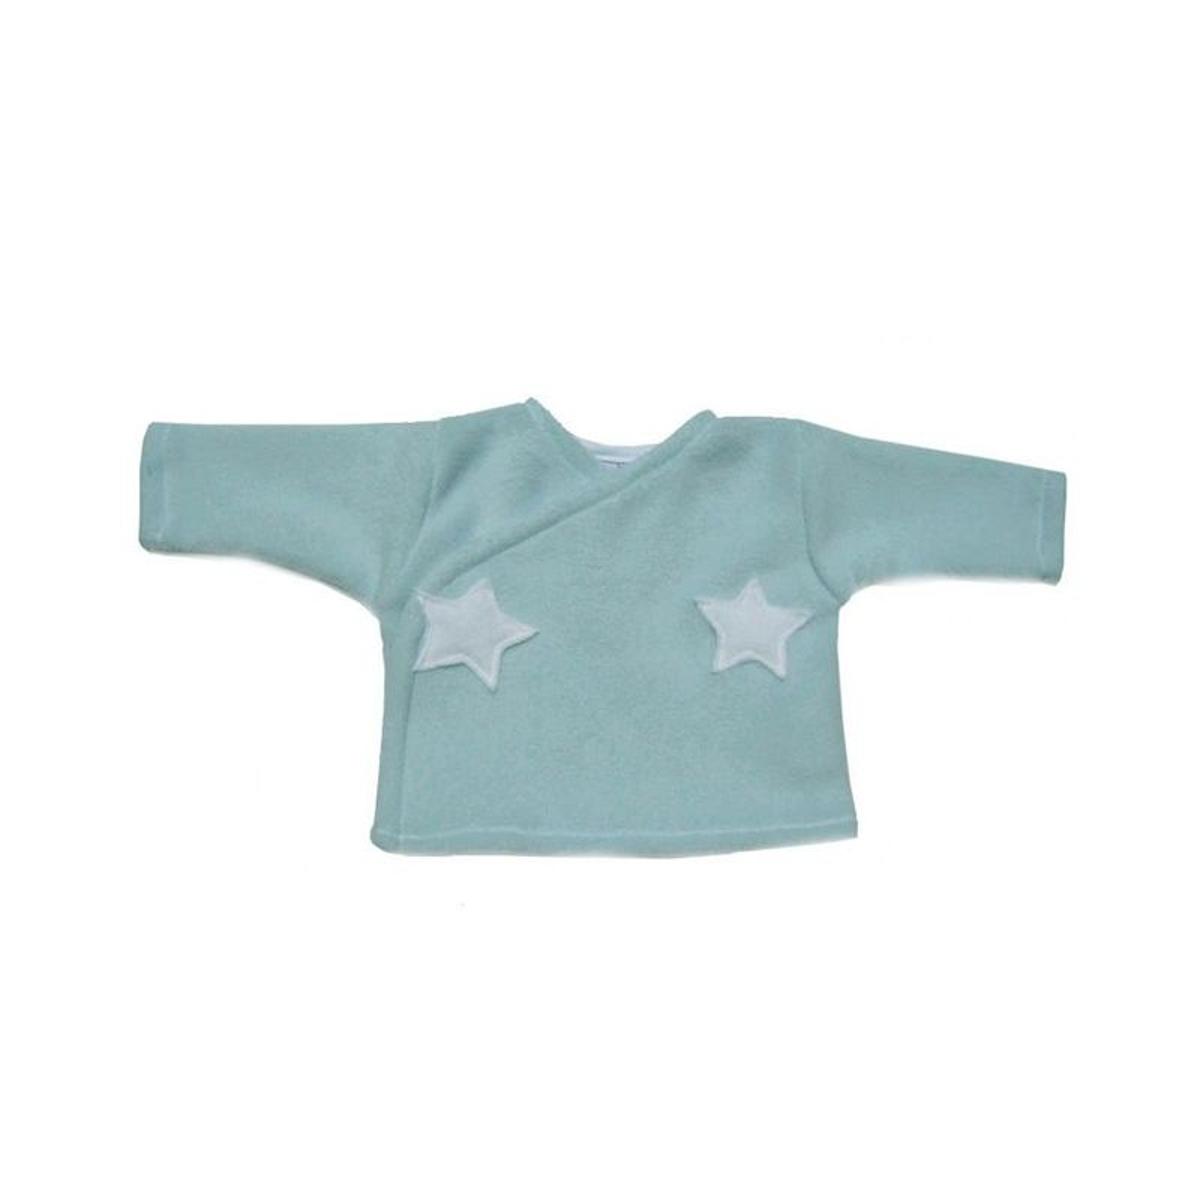 Brassière polaire bleu, étoiles, taille prématuré